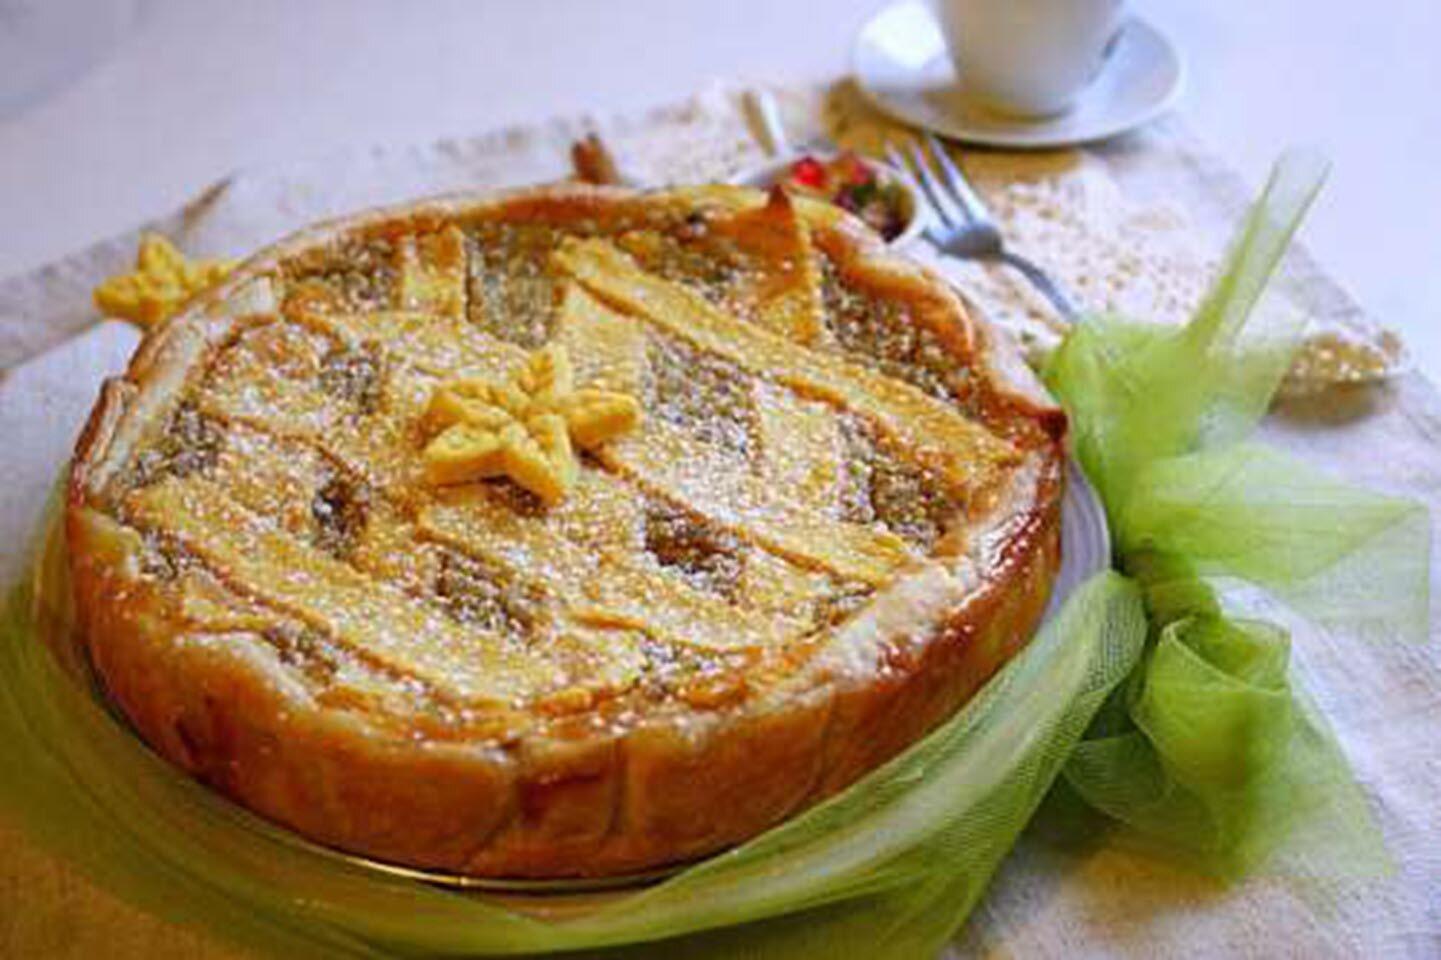 pastiera di pasqua italian easter tart with ricotta